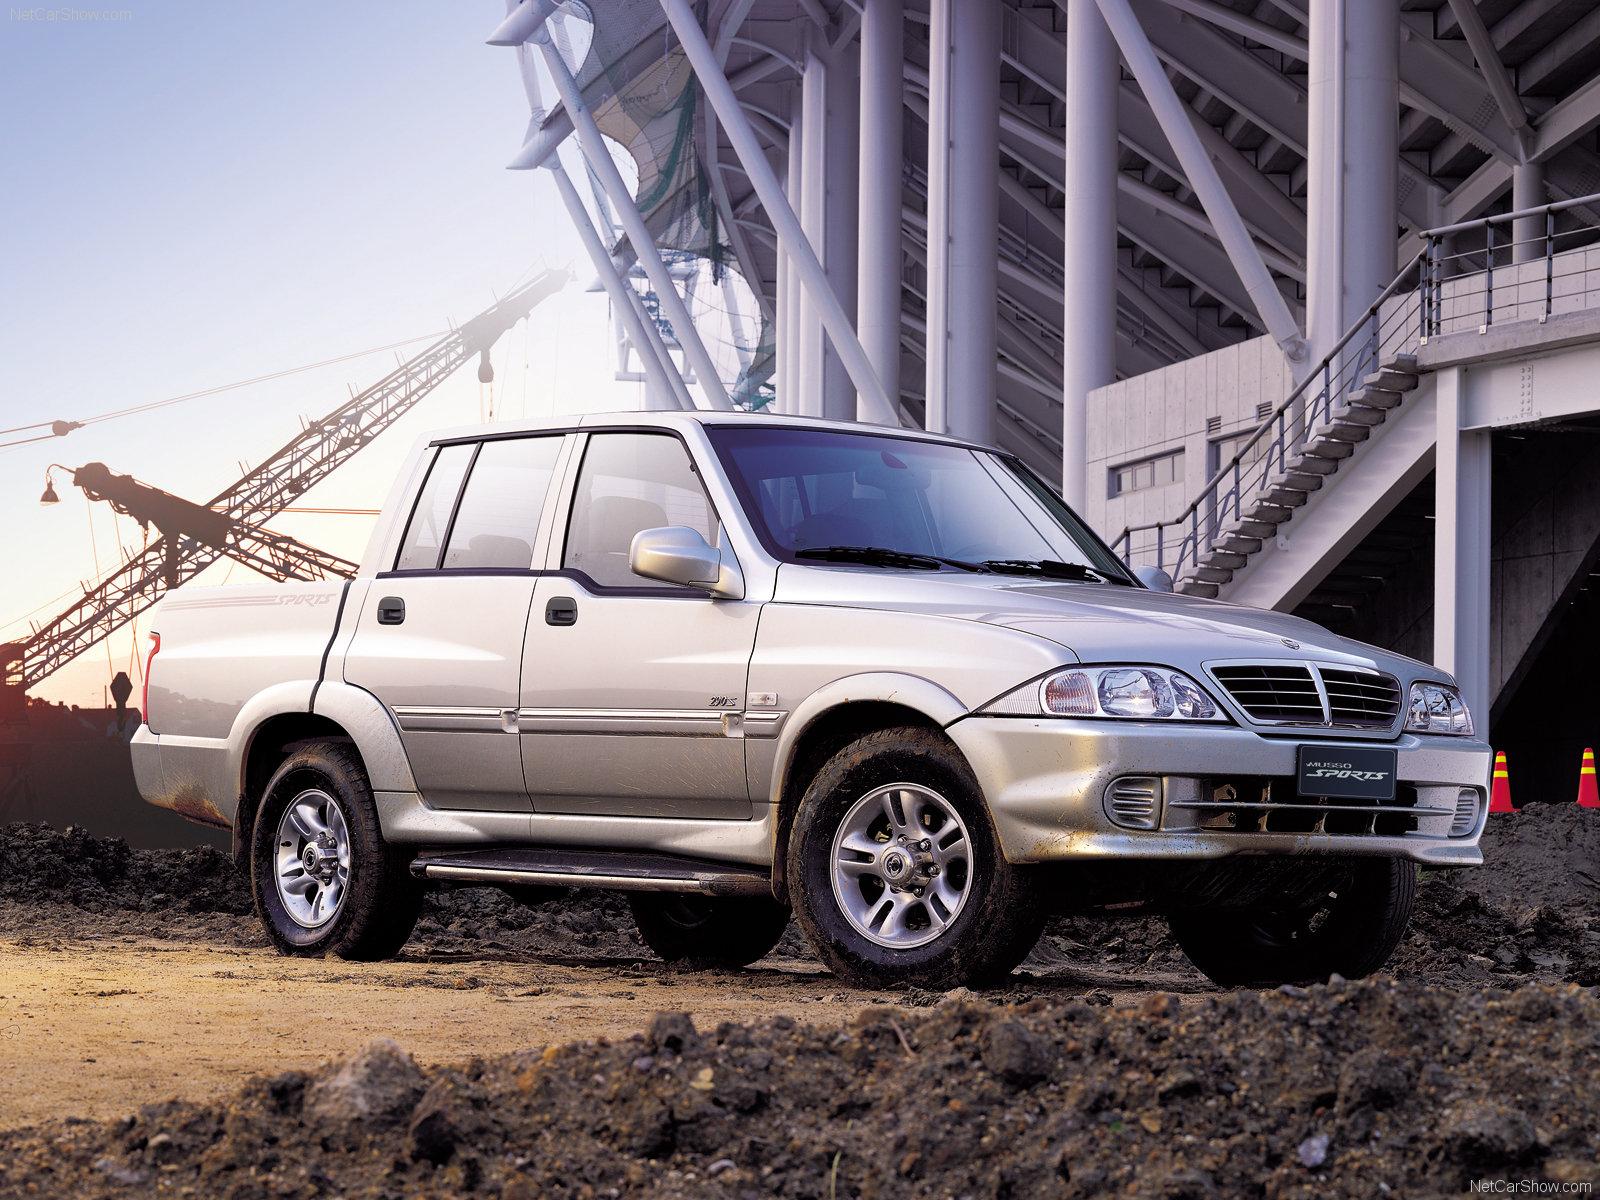 Hình ảnh xe ô tô SsangYong Musso Sports 2005 & nội ngoại thất